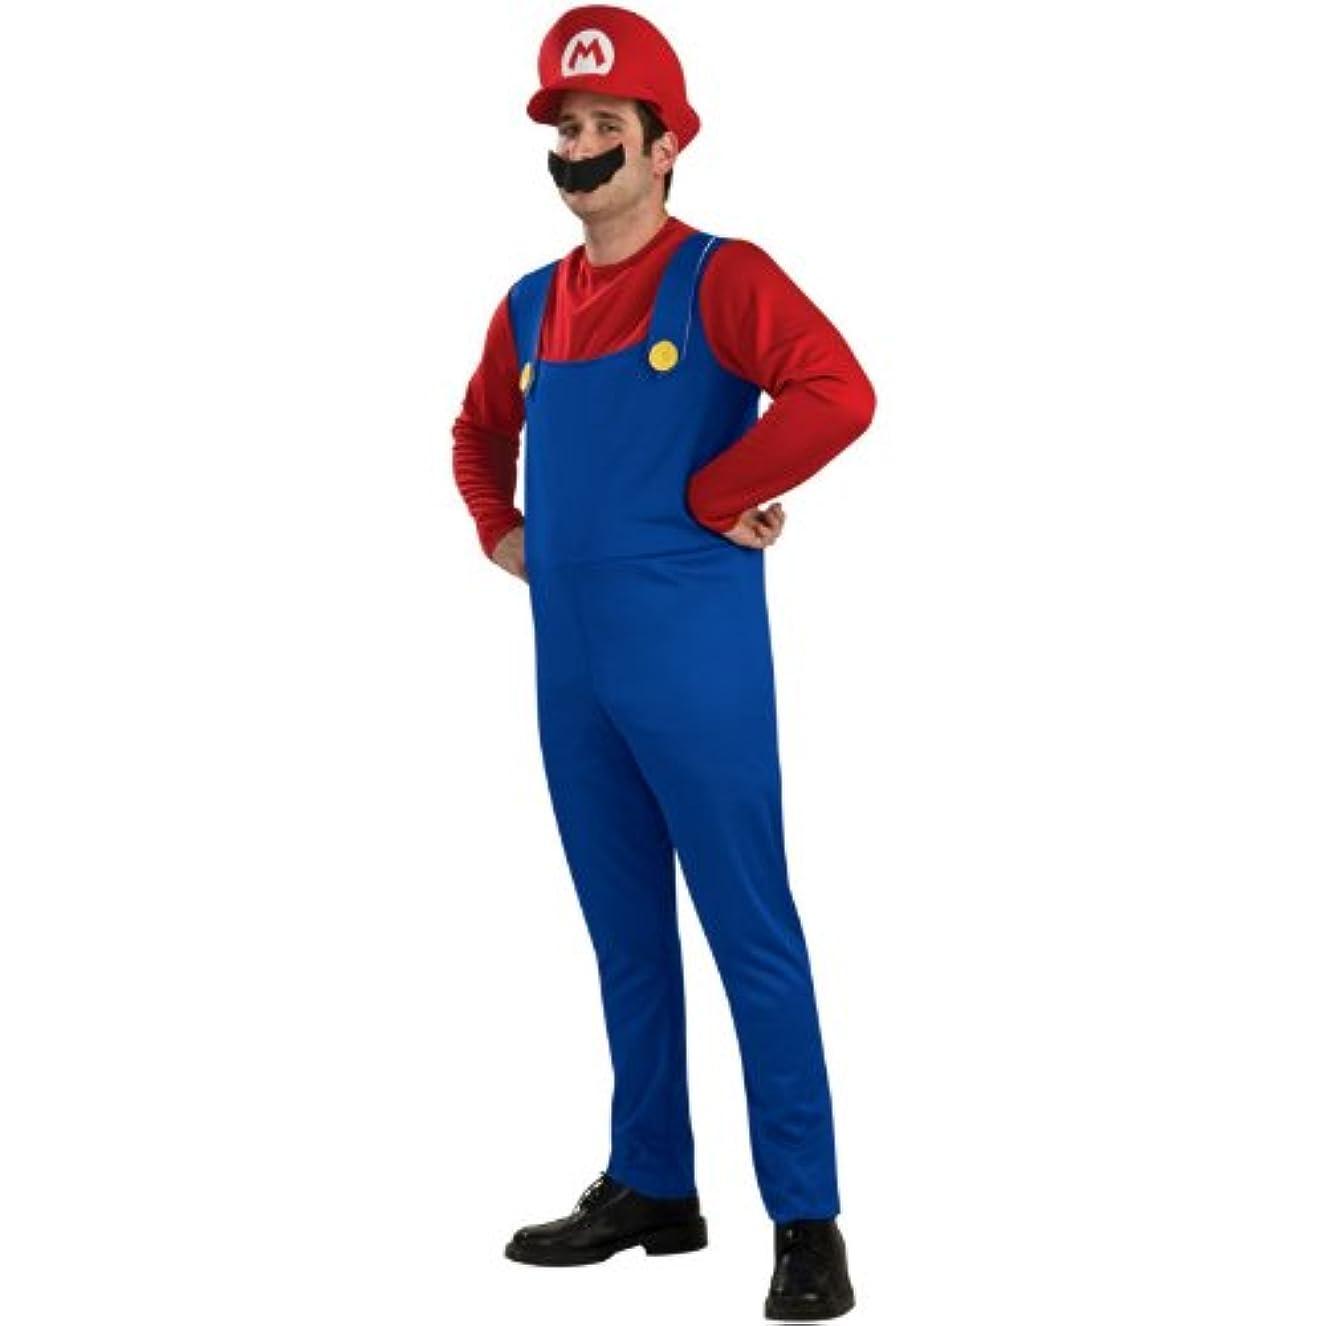 面白い音声学歩き回るMario Adult Costume マリオ大人用コスチューム?ハロウィン?サイズ:Small